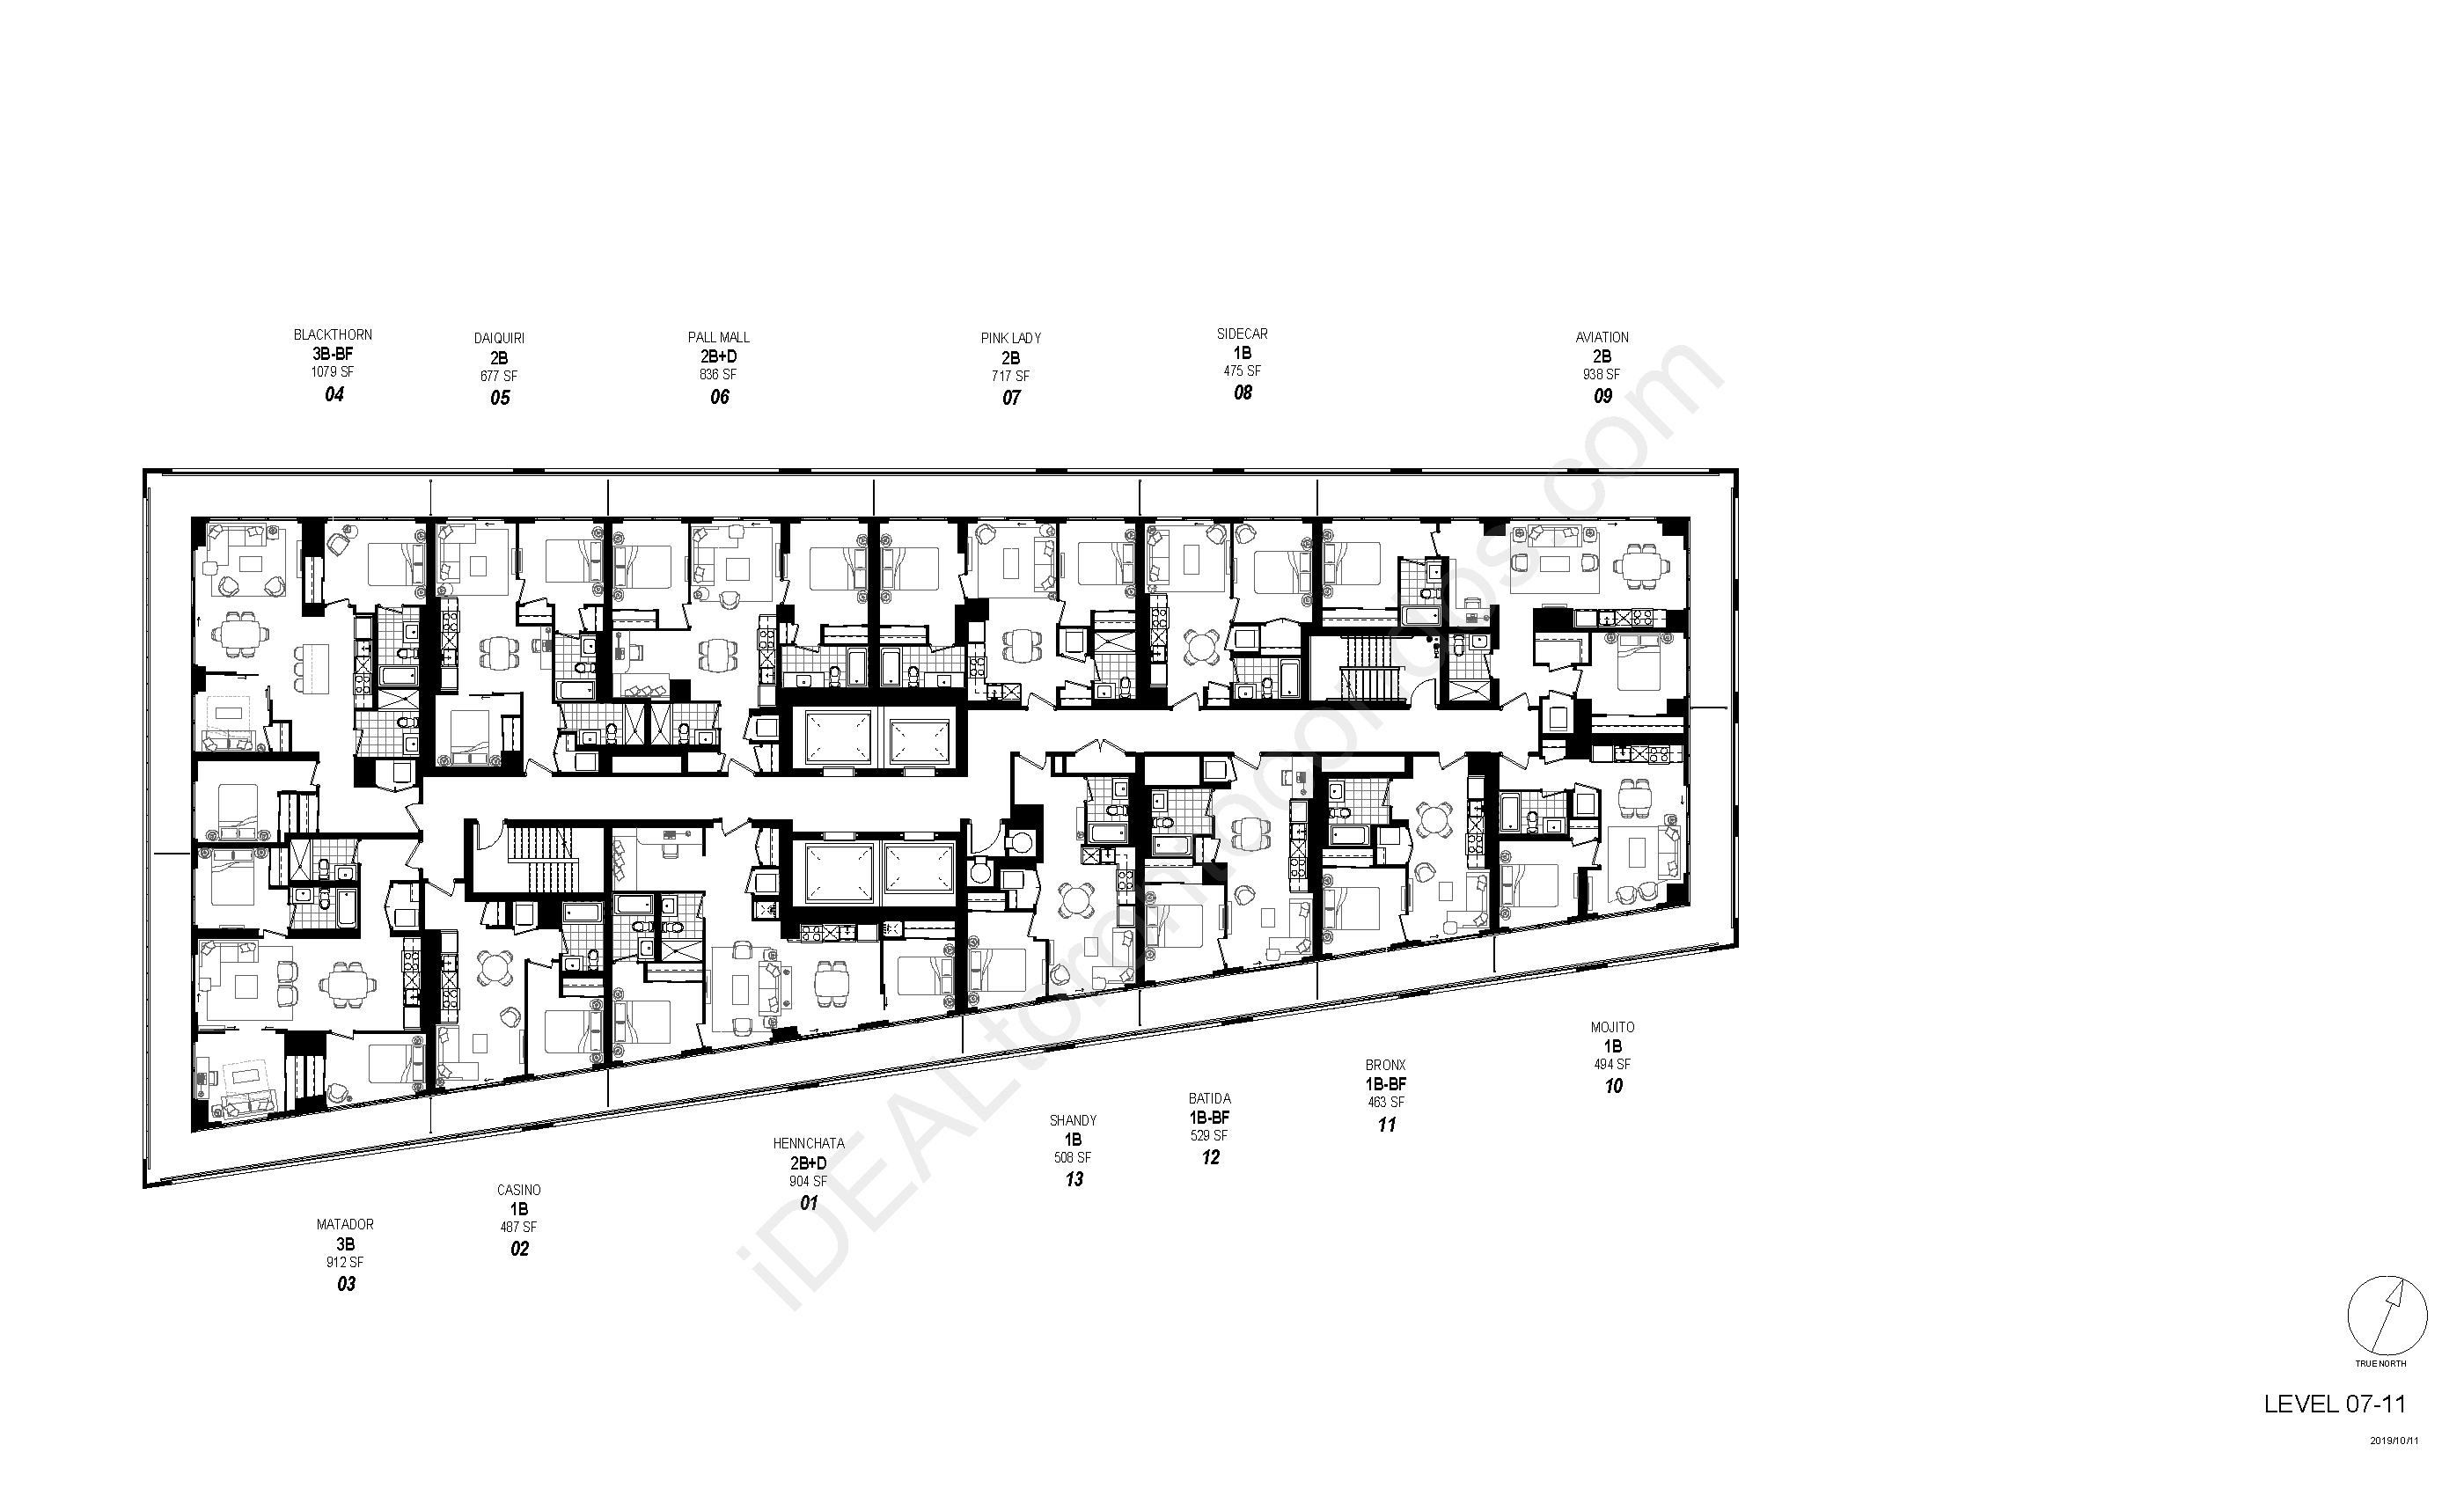 Floorplan Level 07 to 11